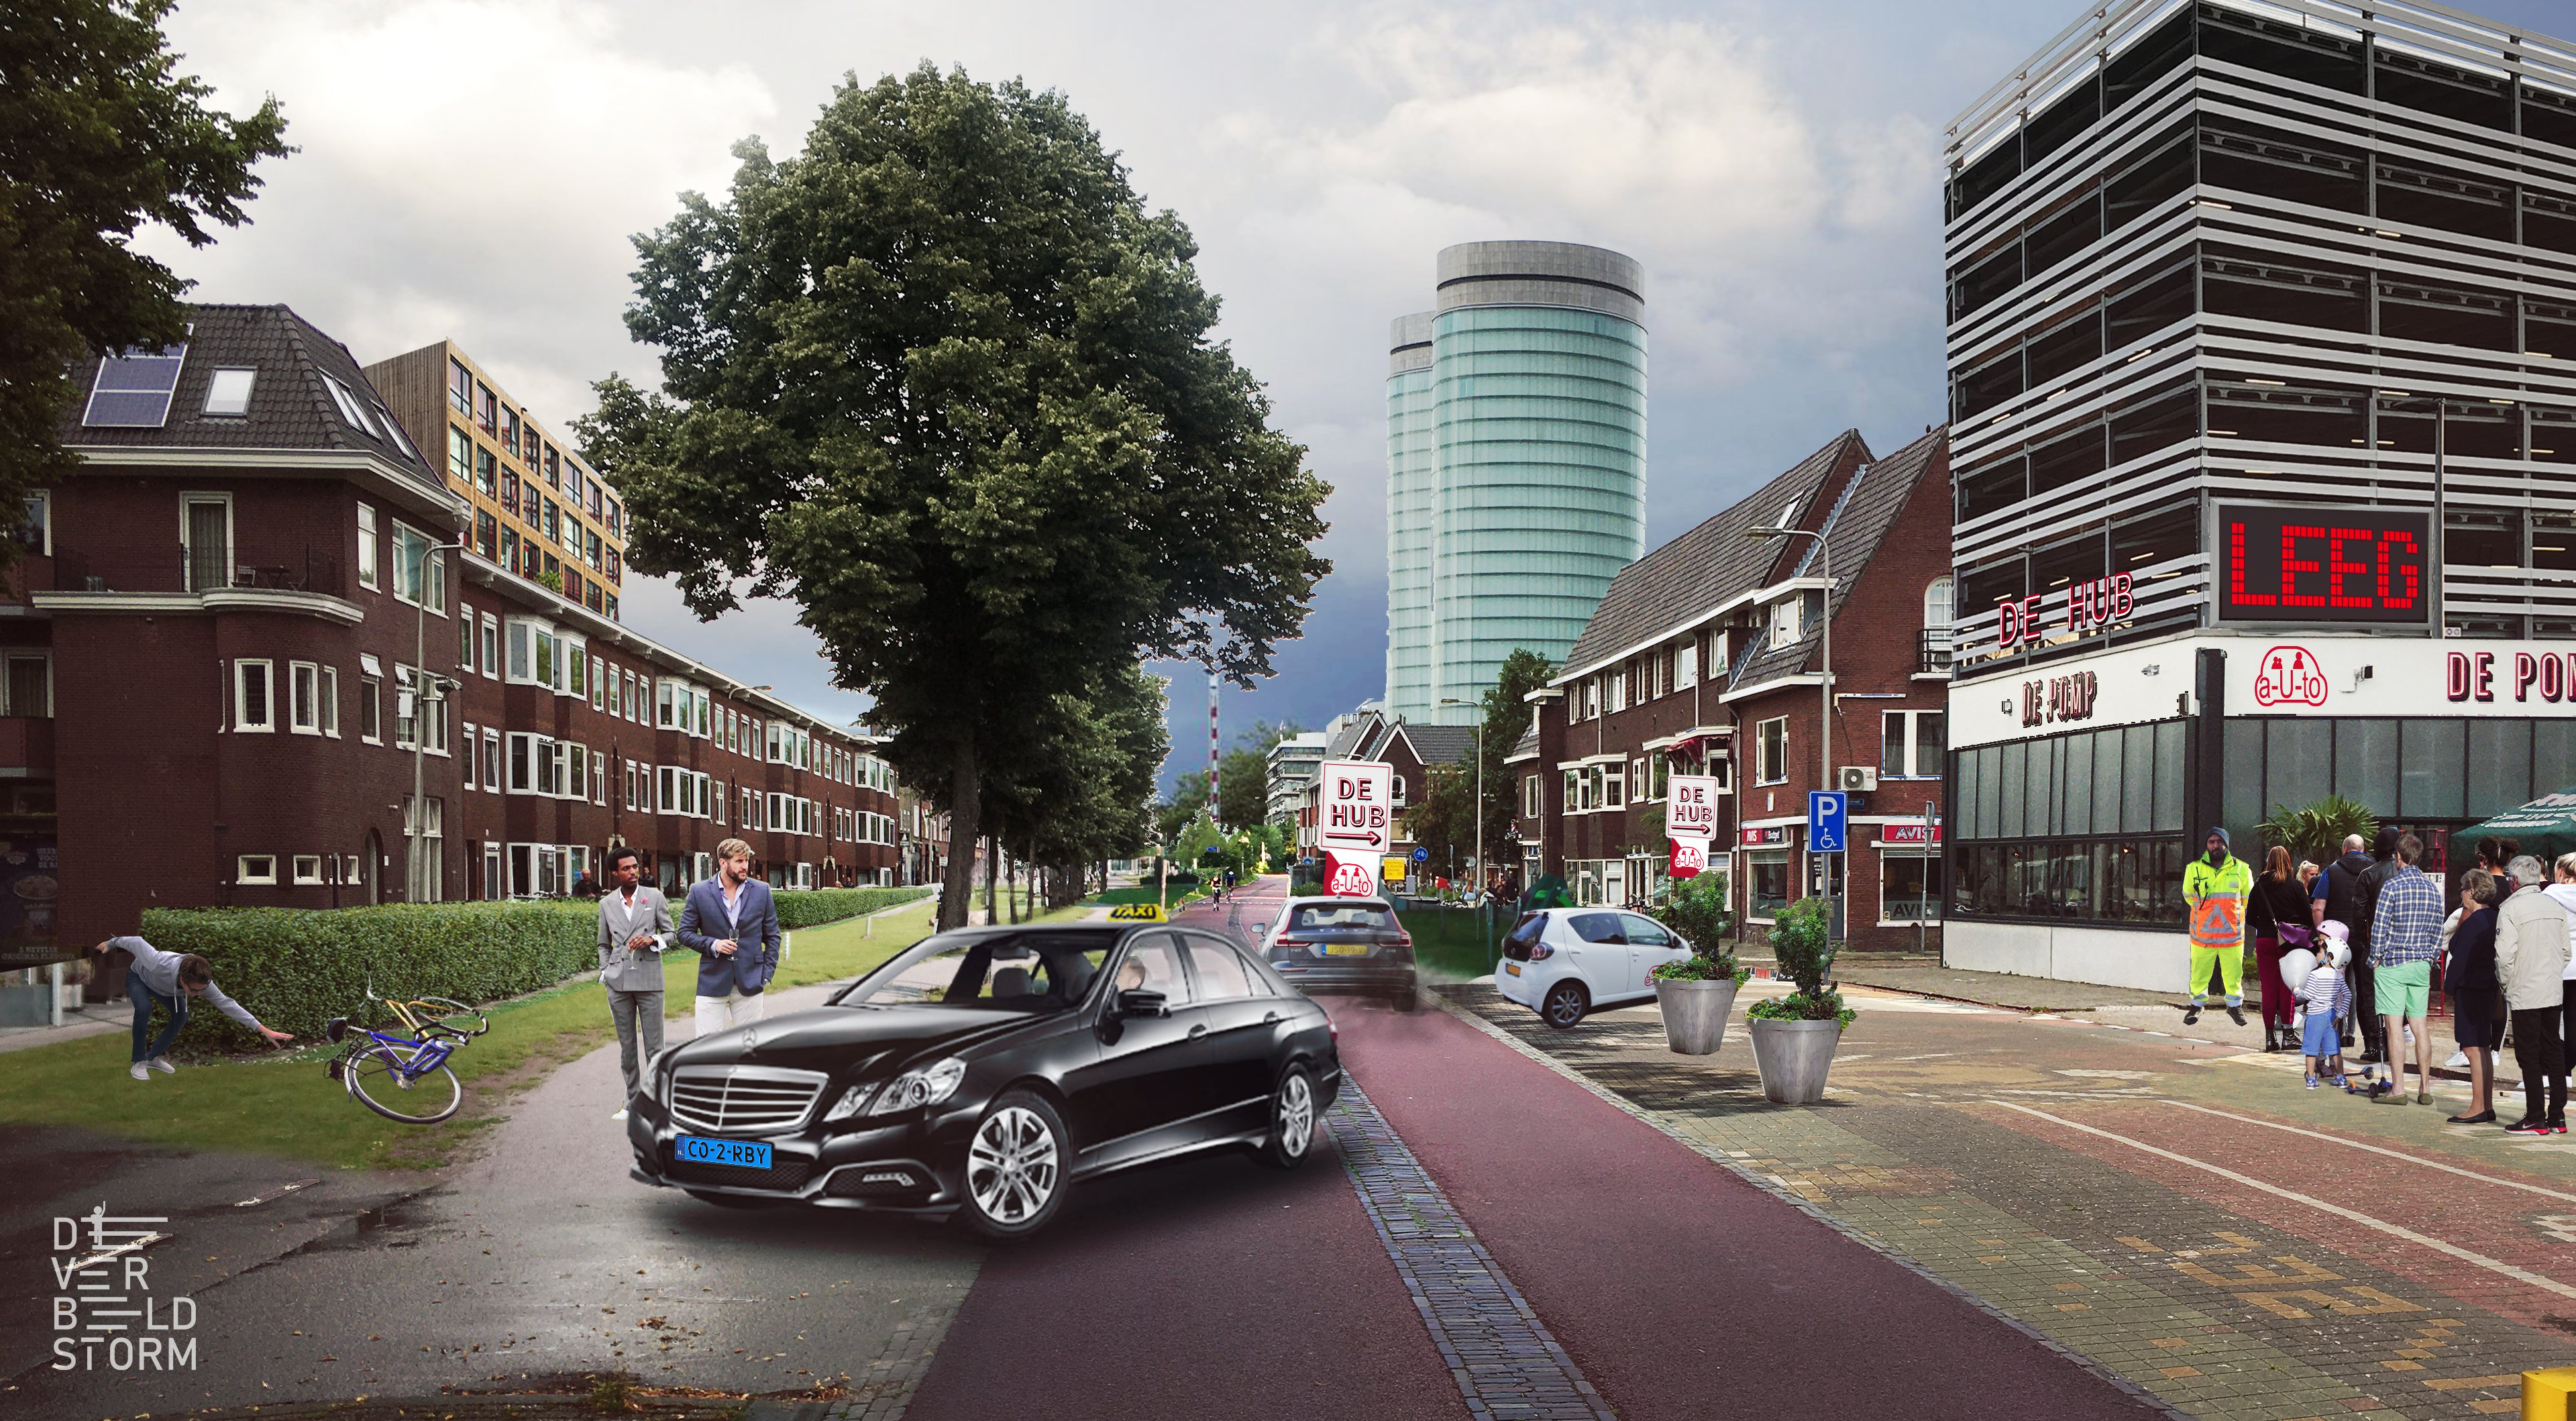 200822 Scenario Simple (onbedoeld) - de Verbeeldstorm, Universiteit Utrecht 2020